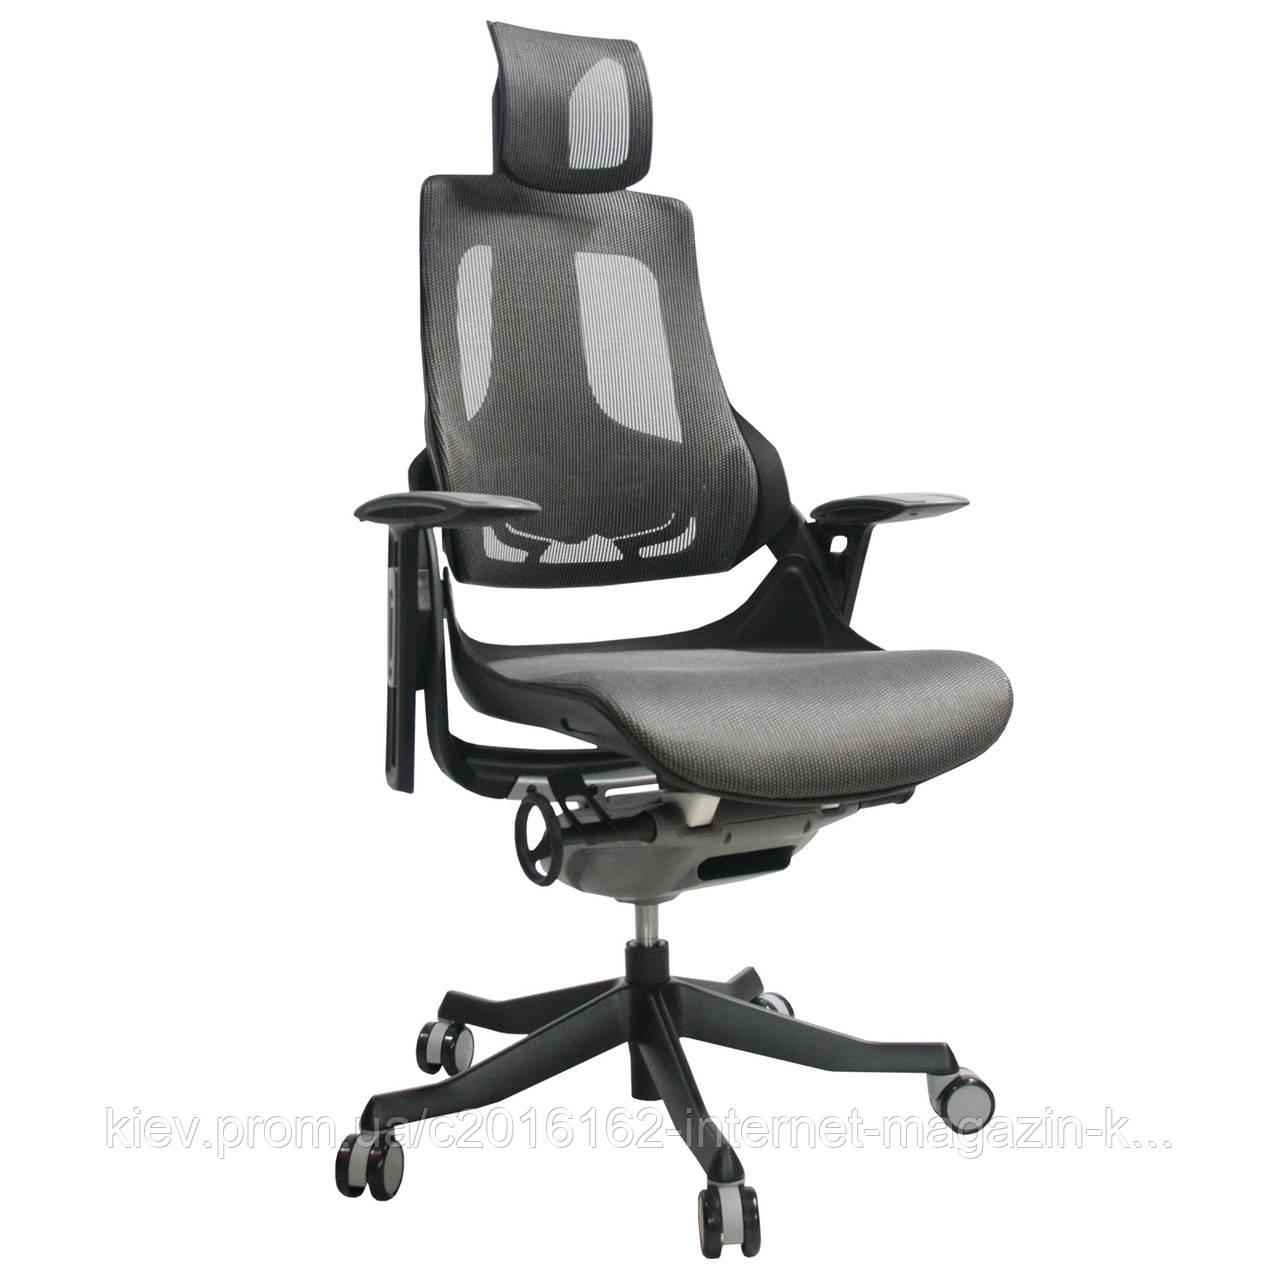 Кресло офисное для руководителя WAU  Grey  mesh fabric